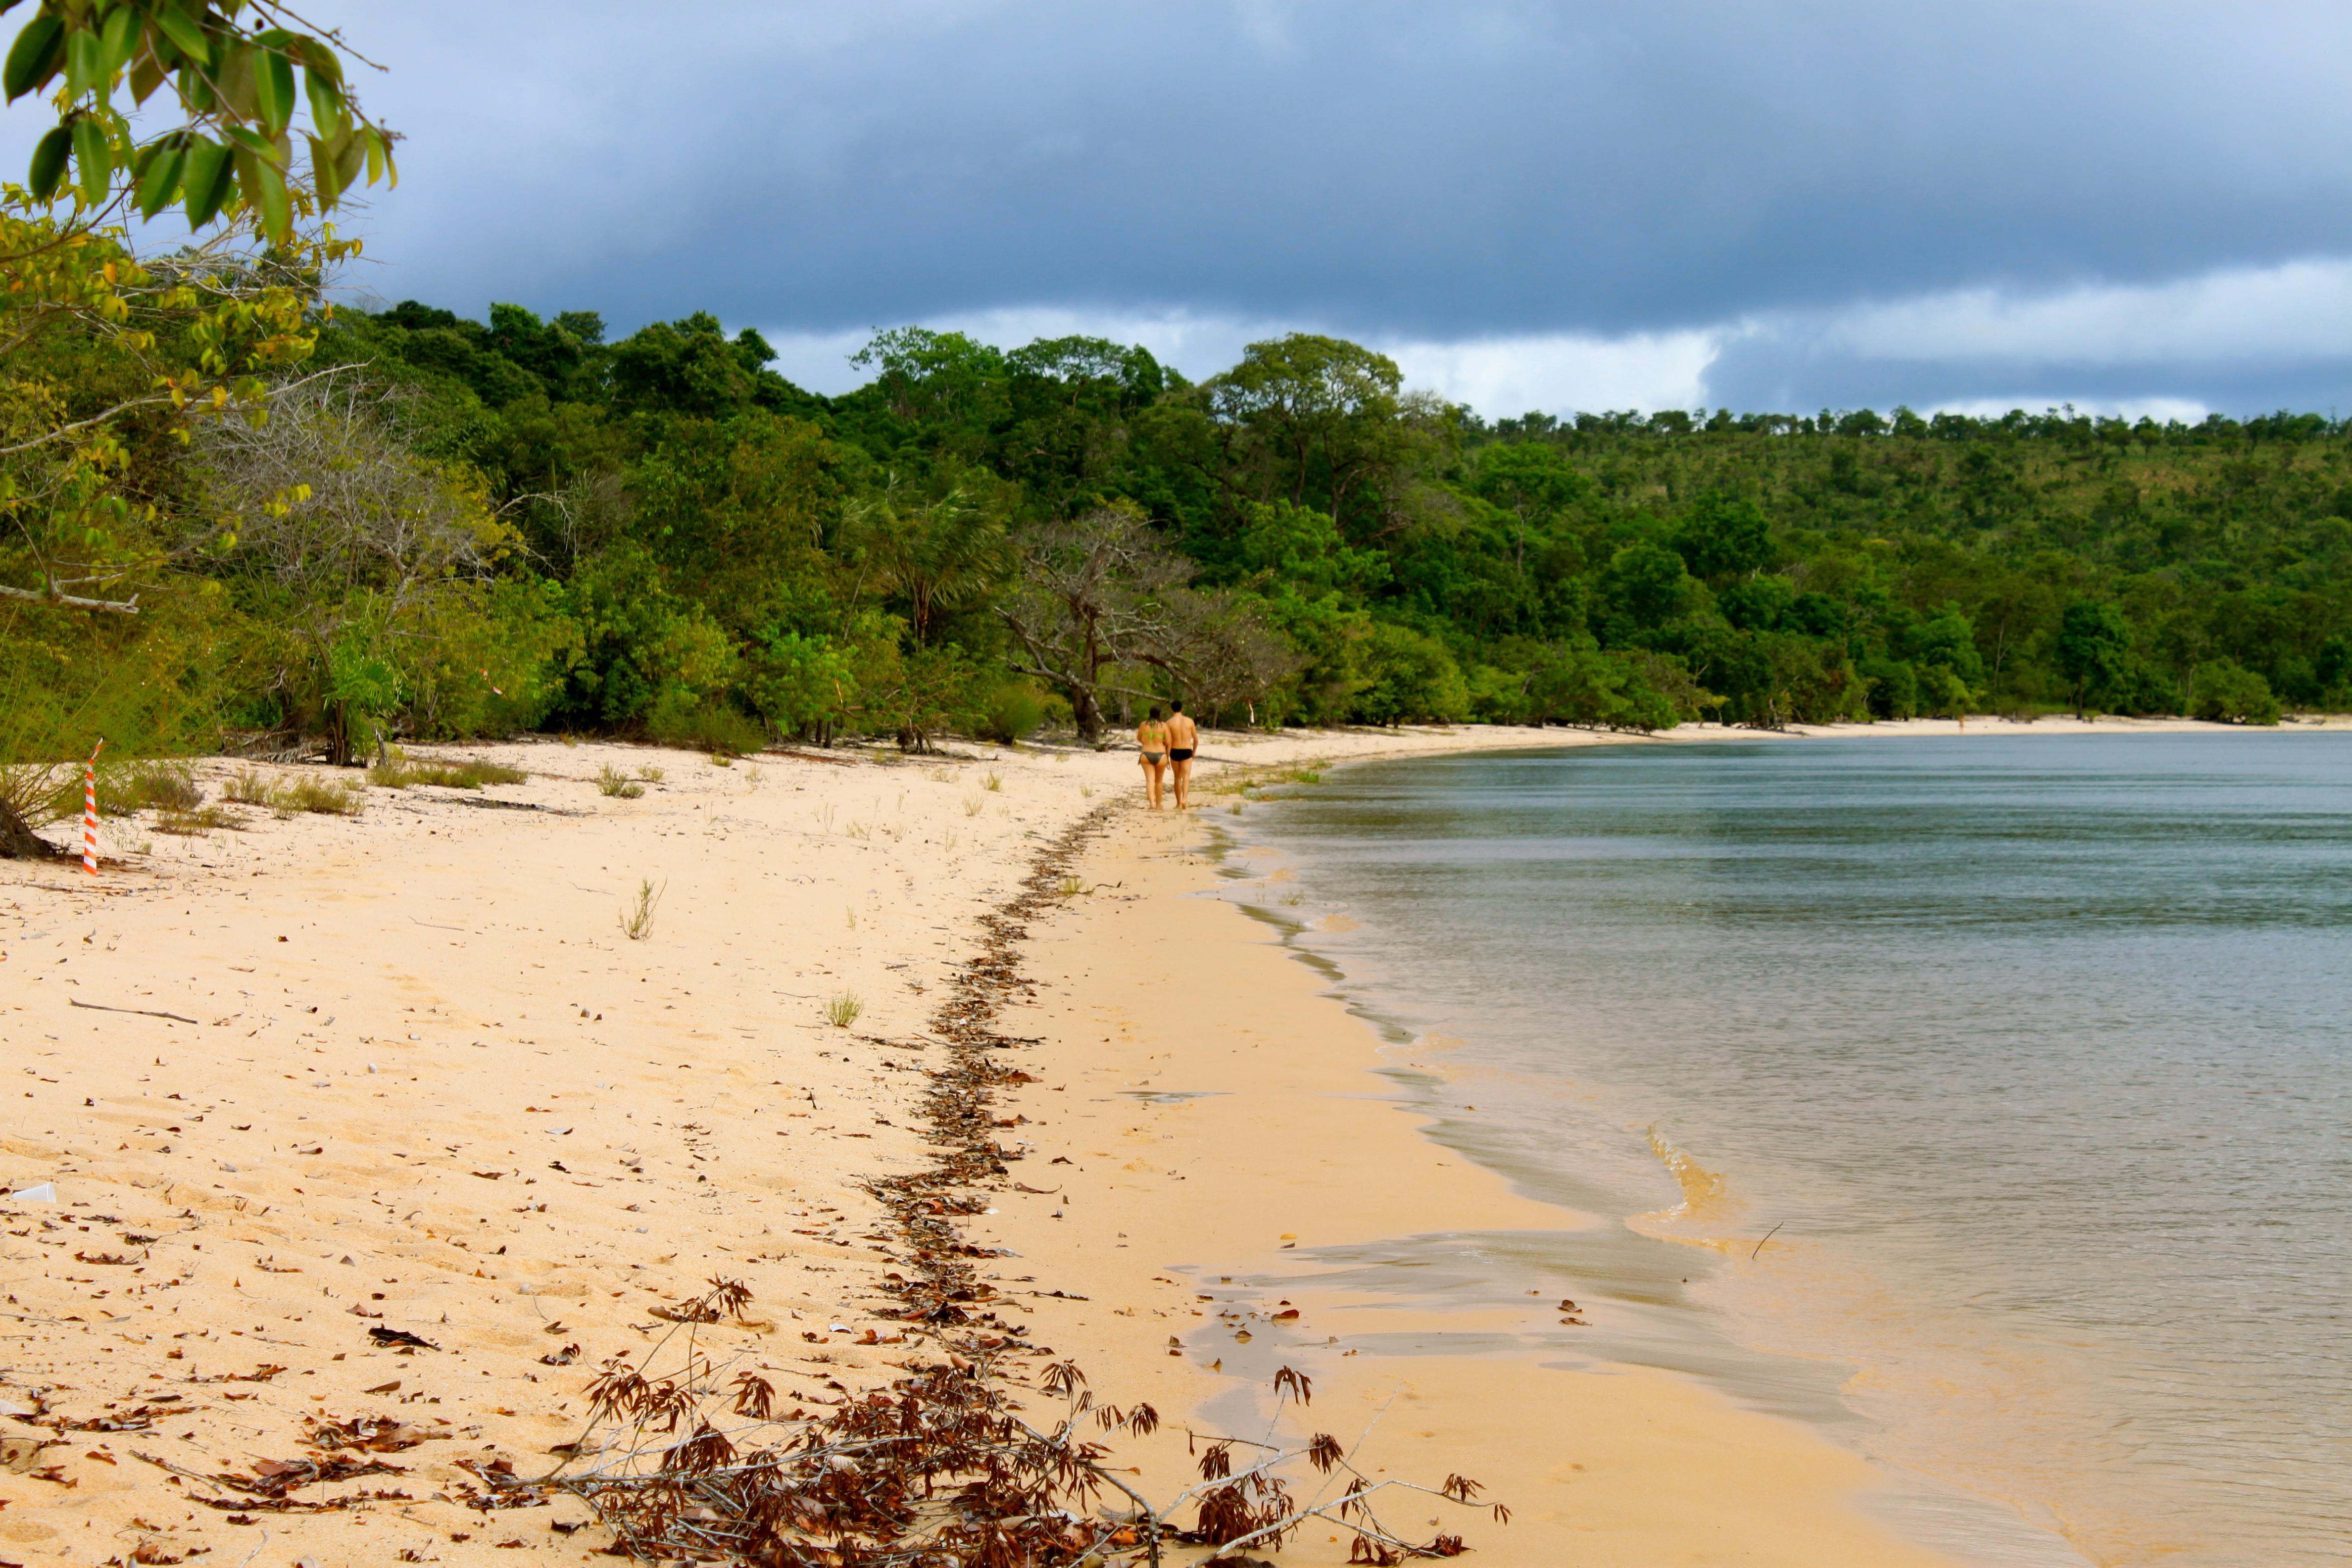 Praia do Mureta